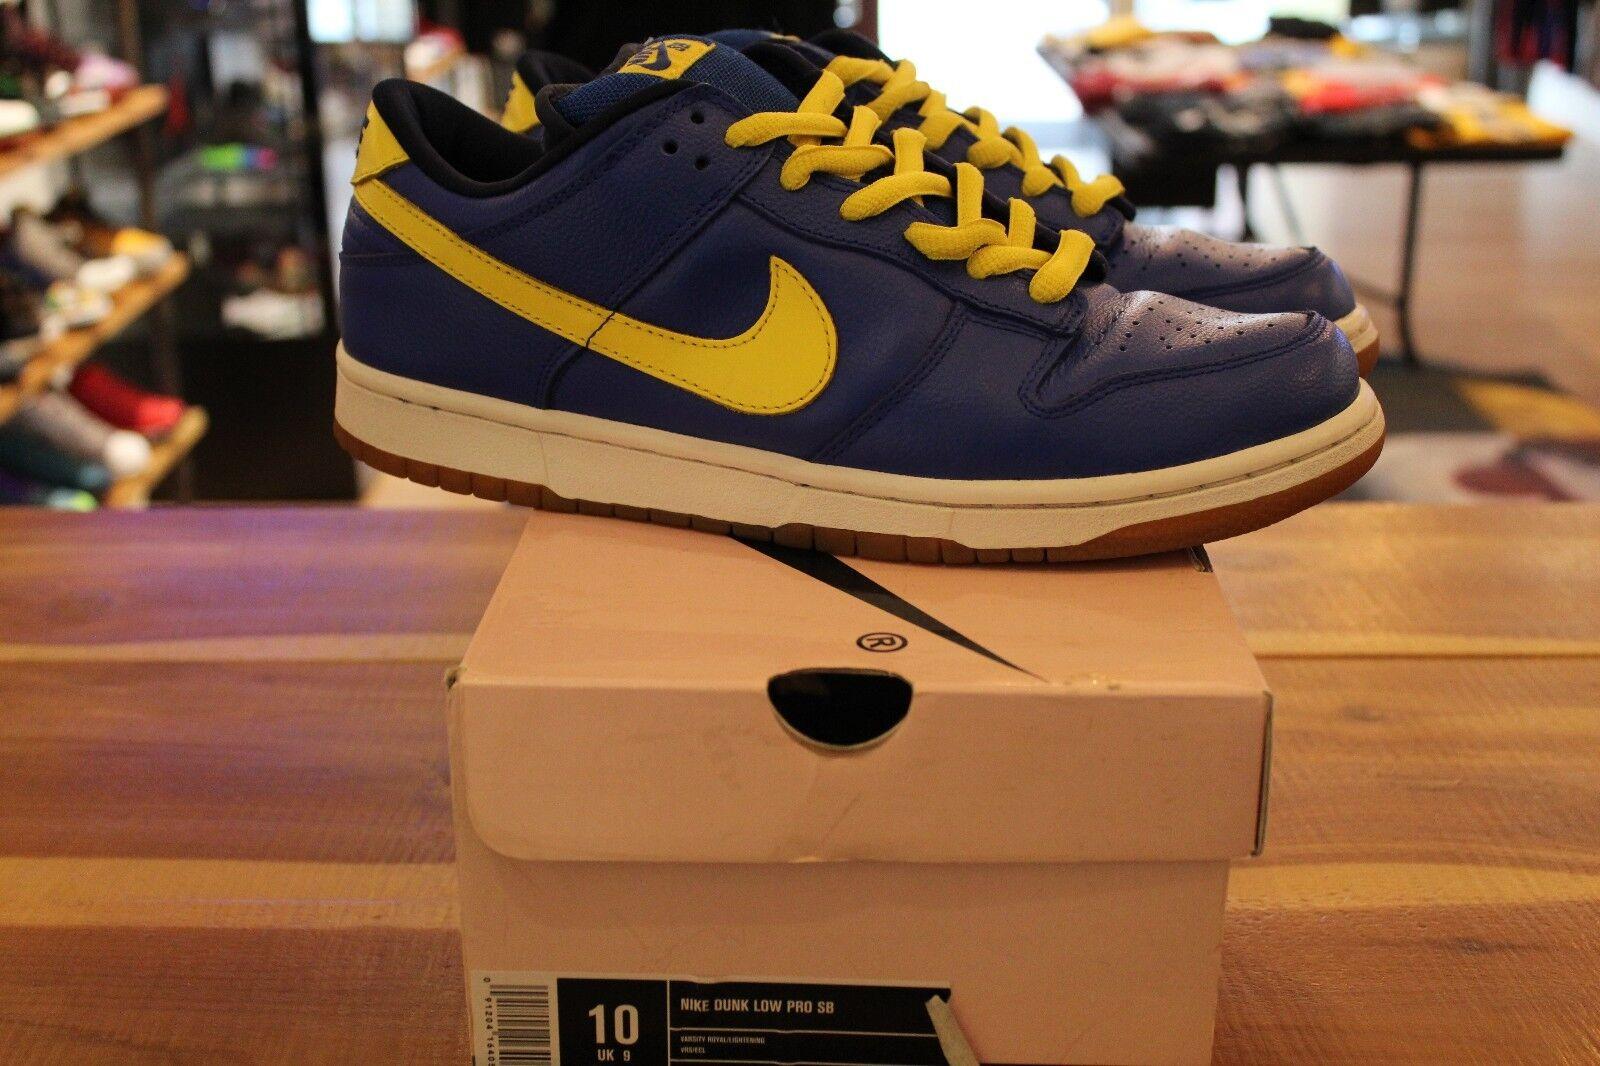 Nike filiale sfb 6 specialità stivali neri di pelle del nuovo galles del sud sz uomini [862507-001]